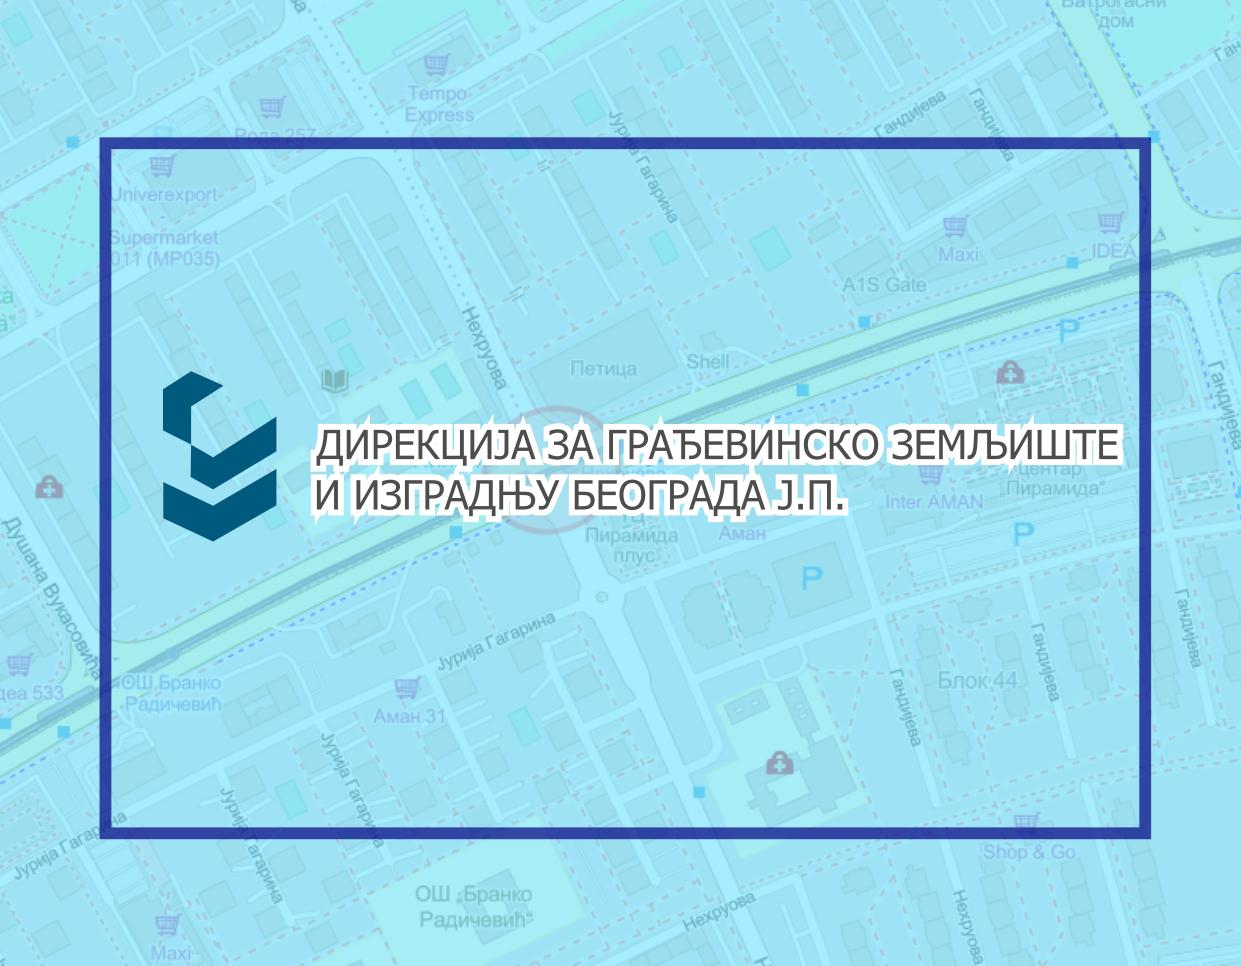 Радови под саобраћајем на раскрсници улица Јурија Гагарина и Нехруовој